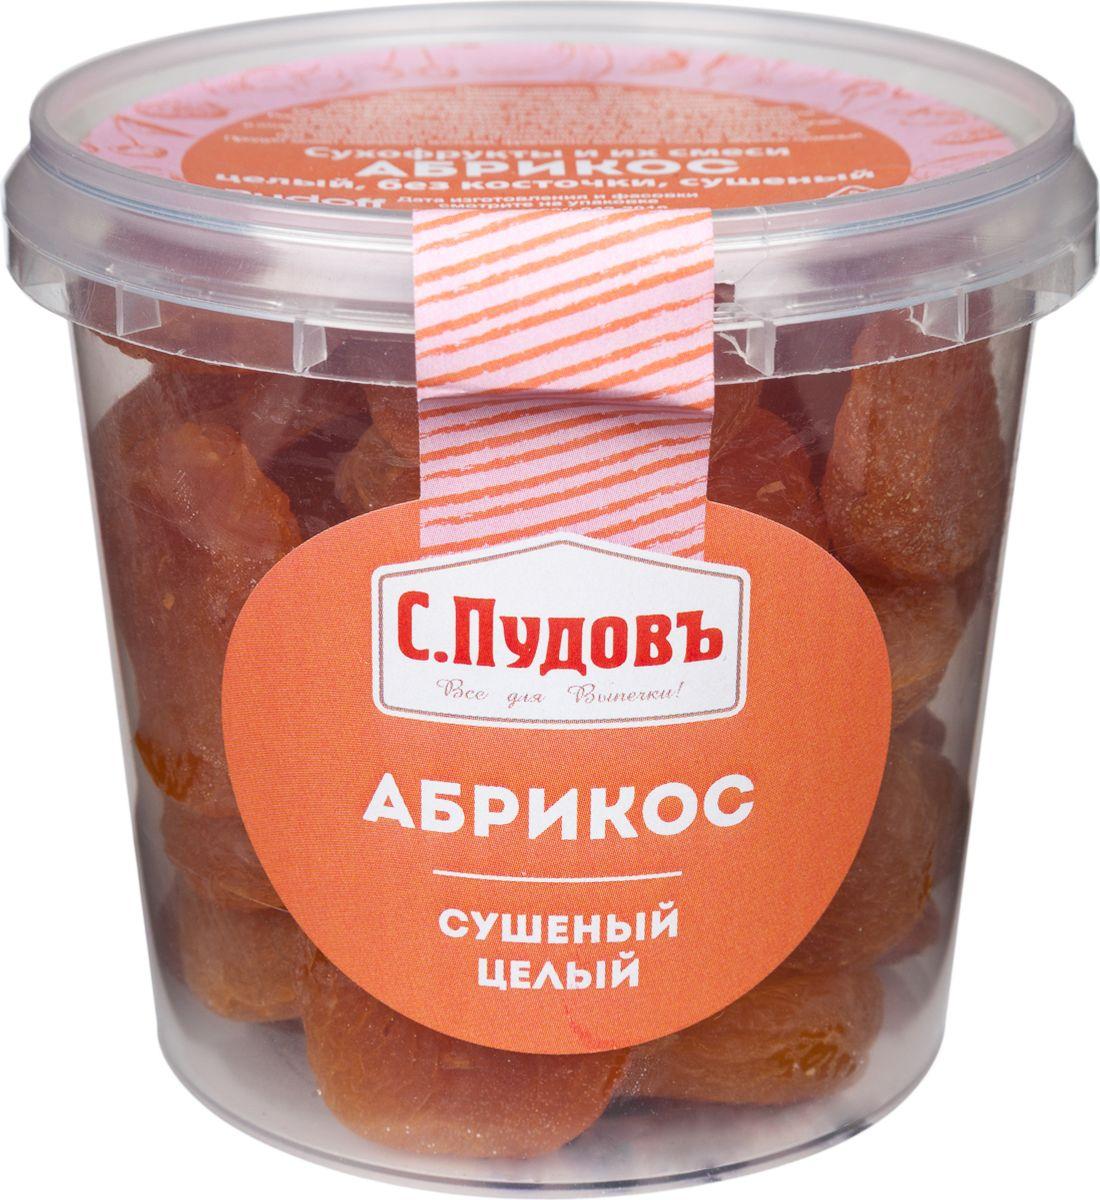 Пудовъ абрикос сушеный целый, 250 г с пудовъ кисель молочный ванильный 40 г